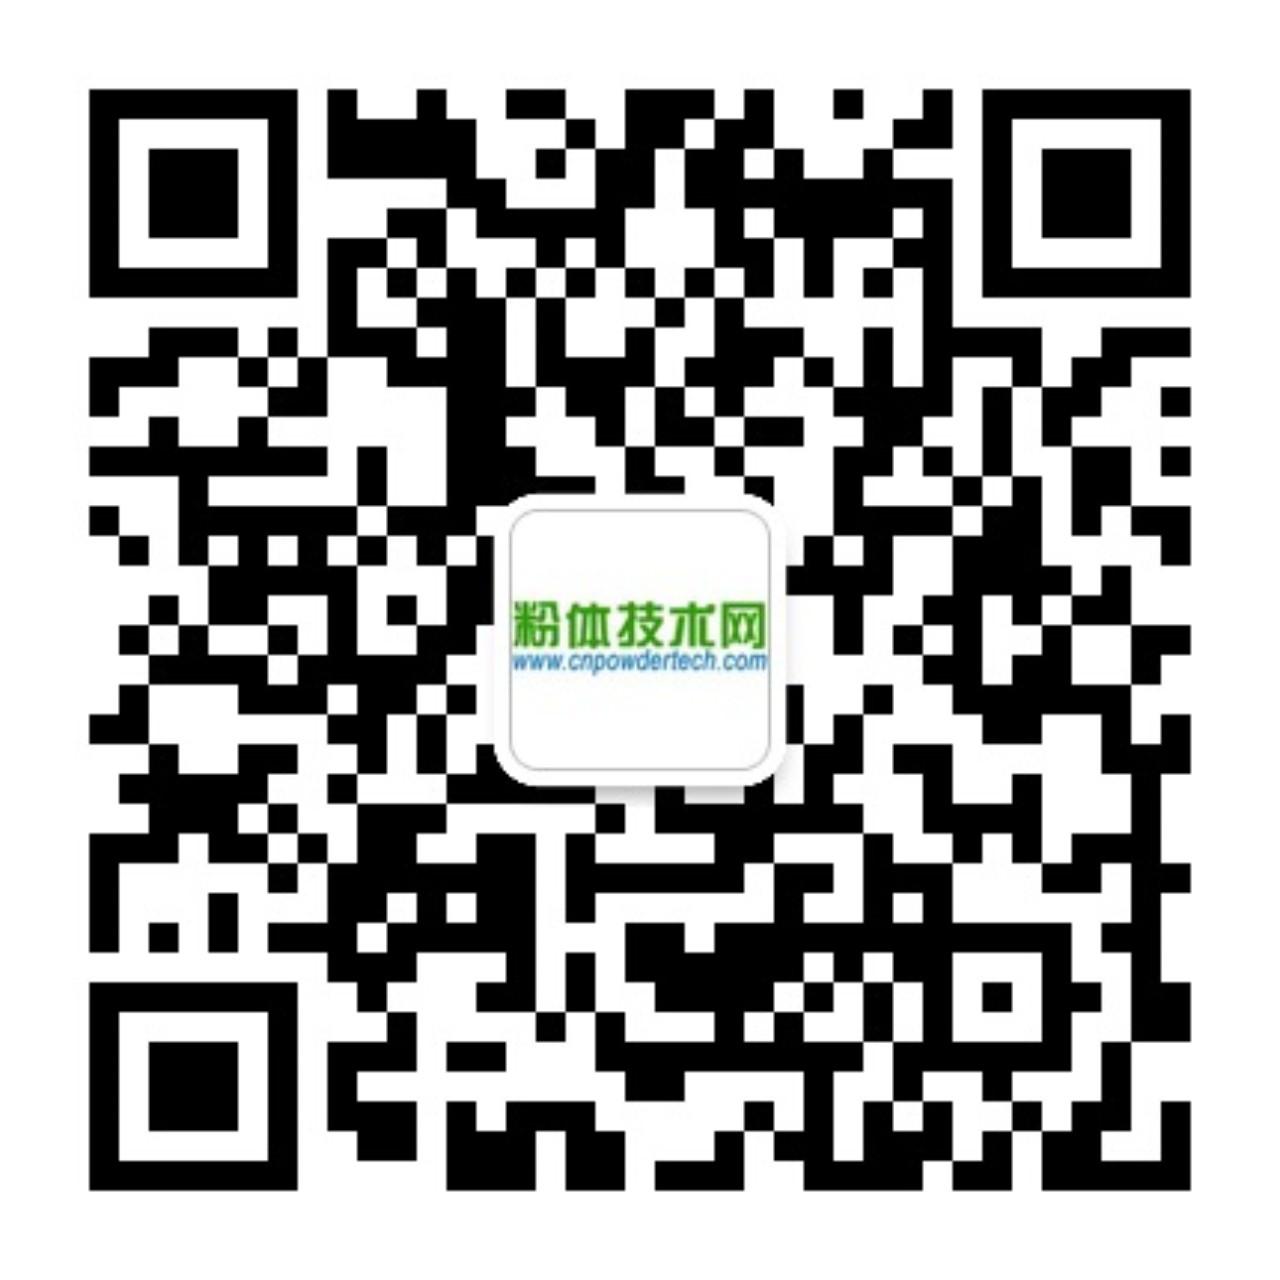 中国粉体技术网微信公众号 粉体技术网 bjyyxtech